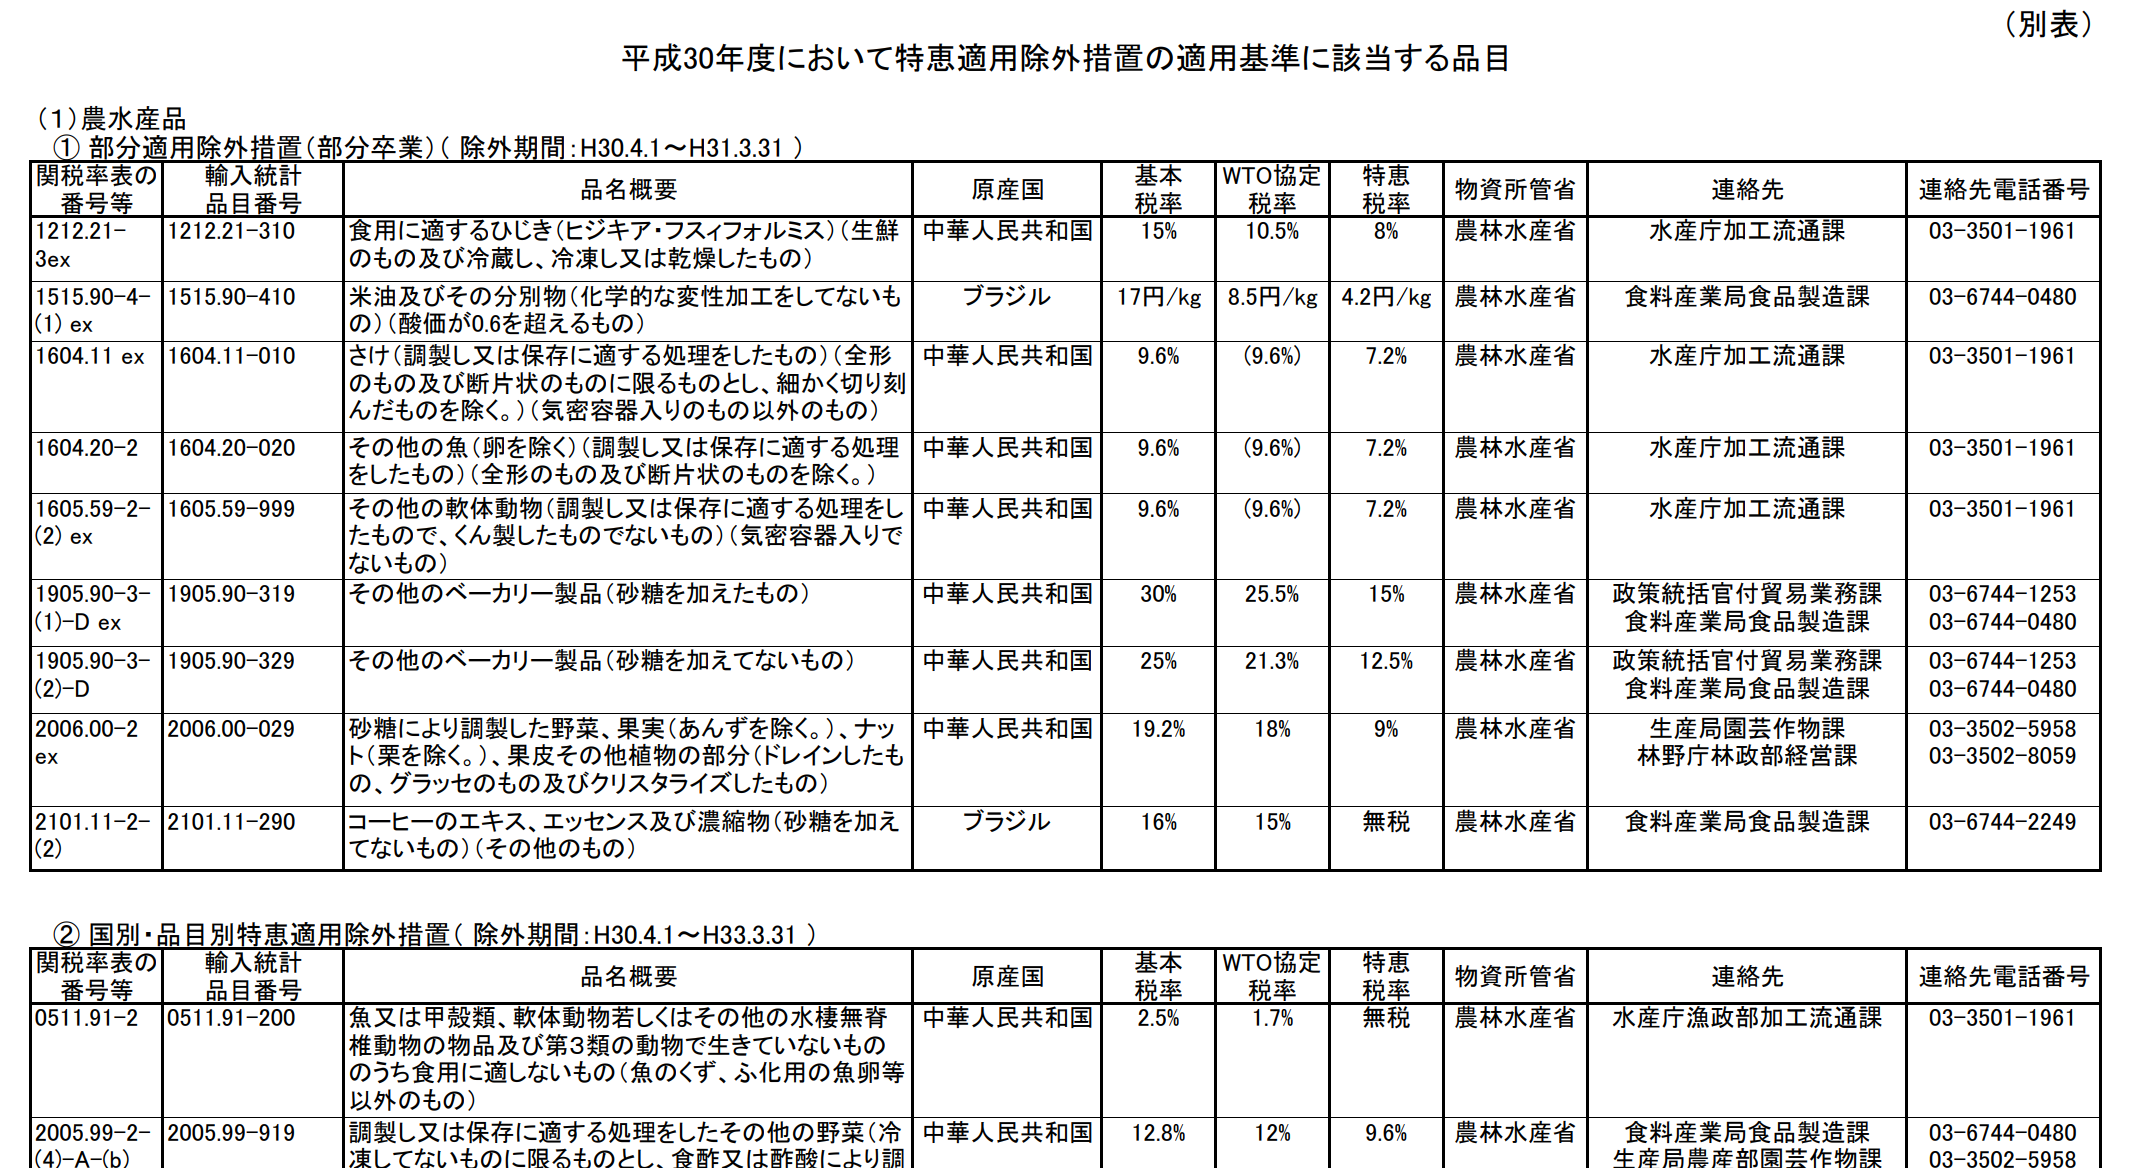 中国一般特恵関税適用除外措置一覧